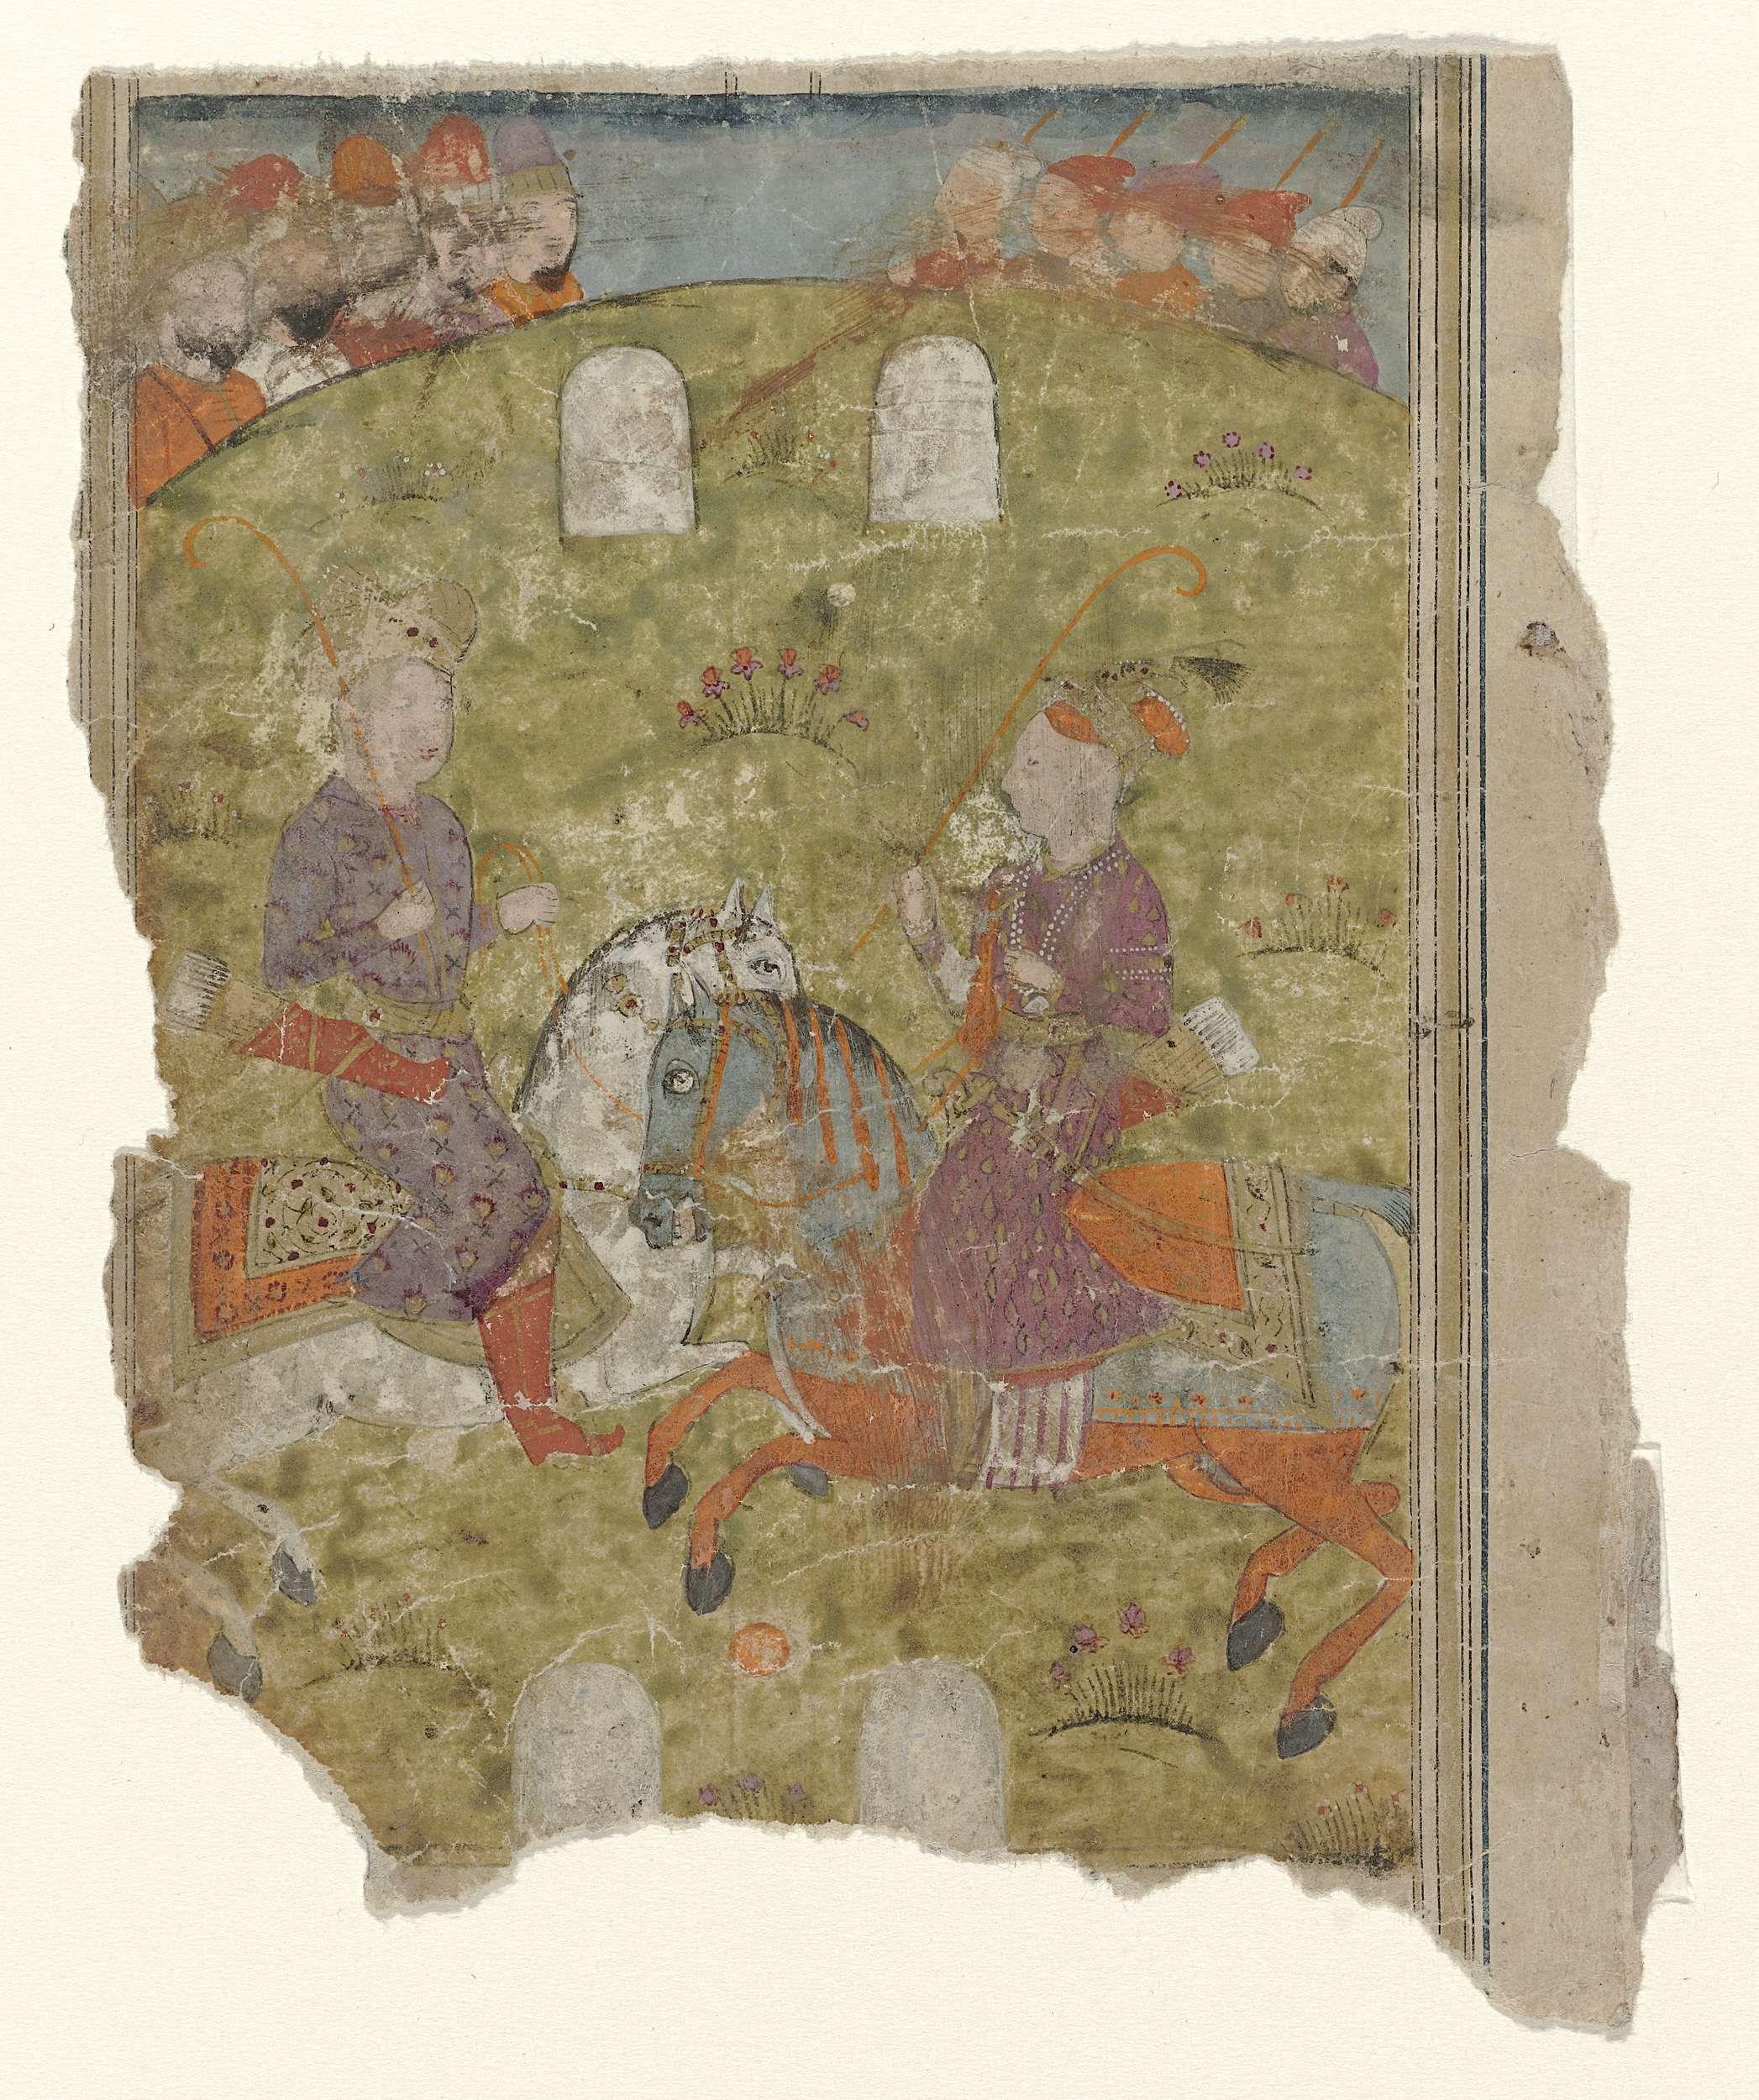 Anonymous | Restant van een miniatuur met twee ruiters en krijgers, Anonymous, 1790 - 1810 | Twee ruiters tegenover elkaar houden elk een rode zweep vast, op de achtergrond achter de heuvels krijgers(?). Restant van een blad, onderste helft verdwenen, linkerhelft beschadigd en deels verdwenen. Op verso twee kolommen tekst in oud-Perzisch schrift.